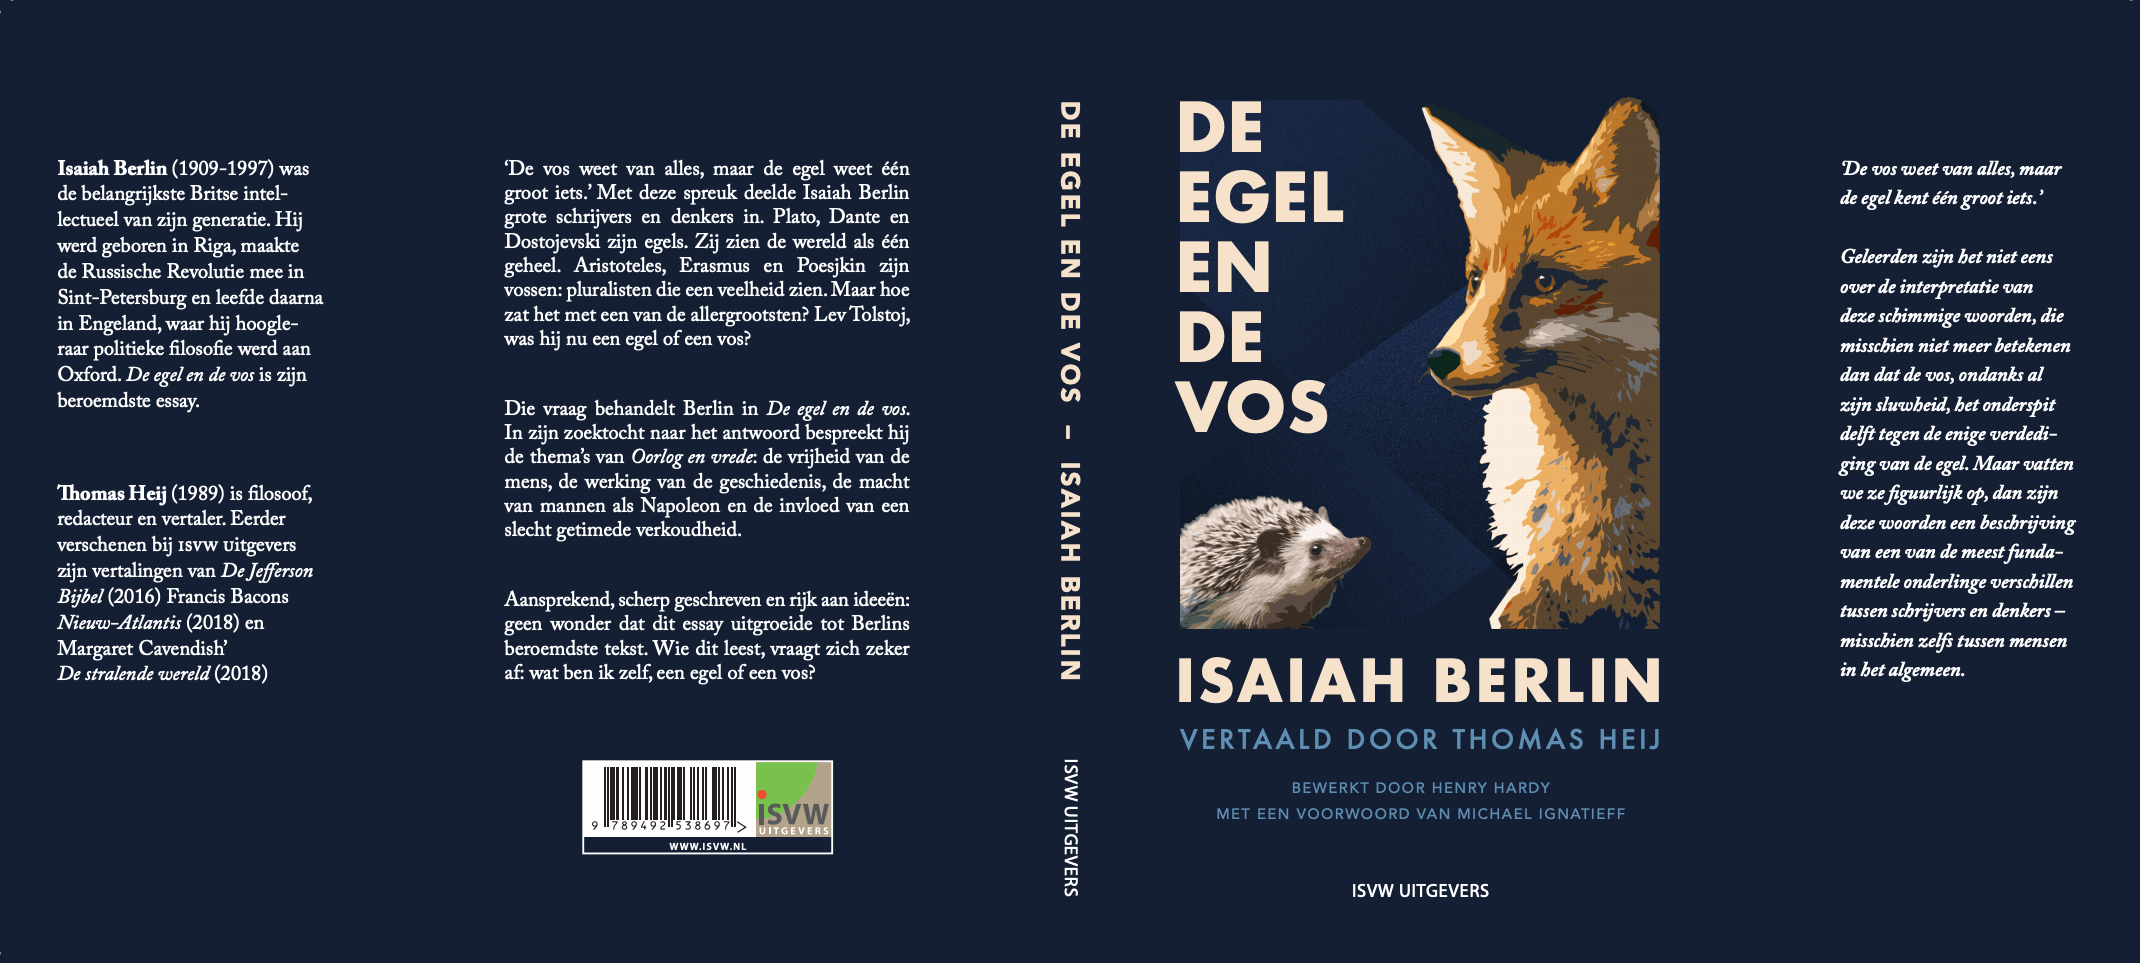 Isaiah Berlin egel